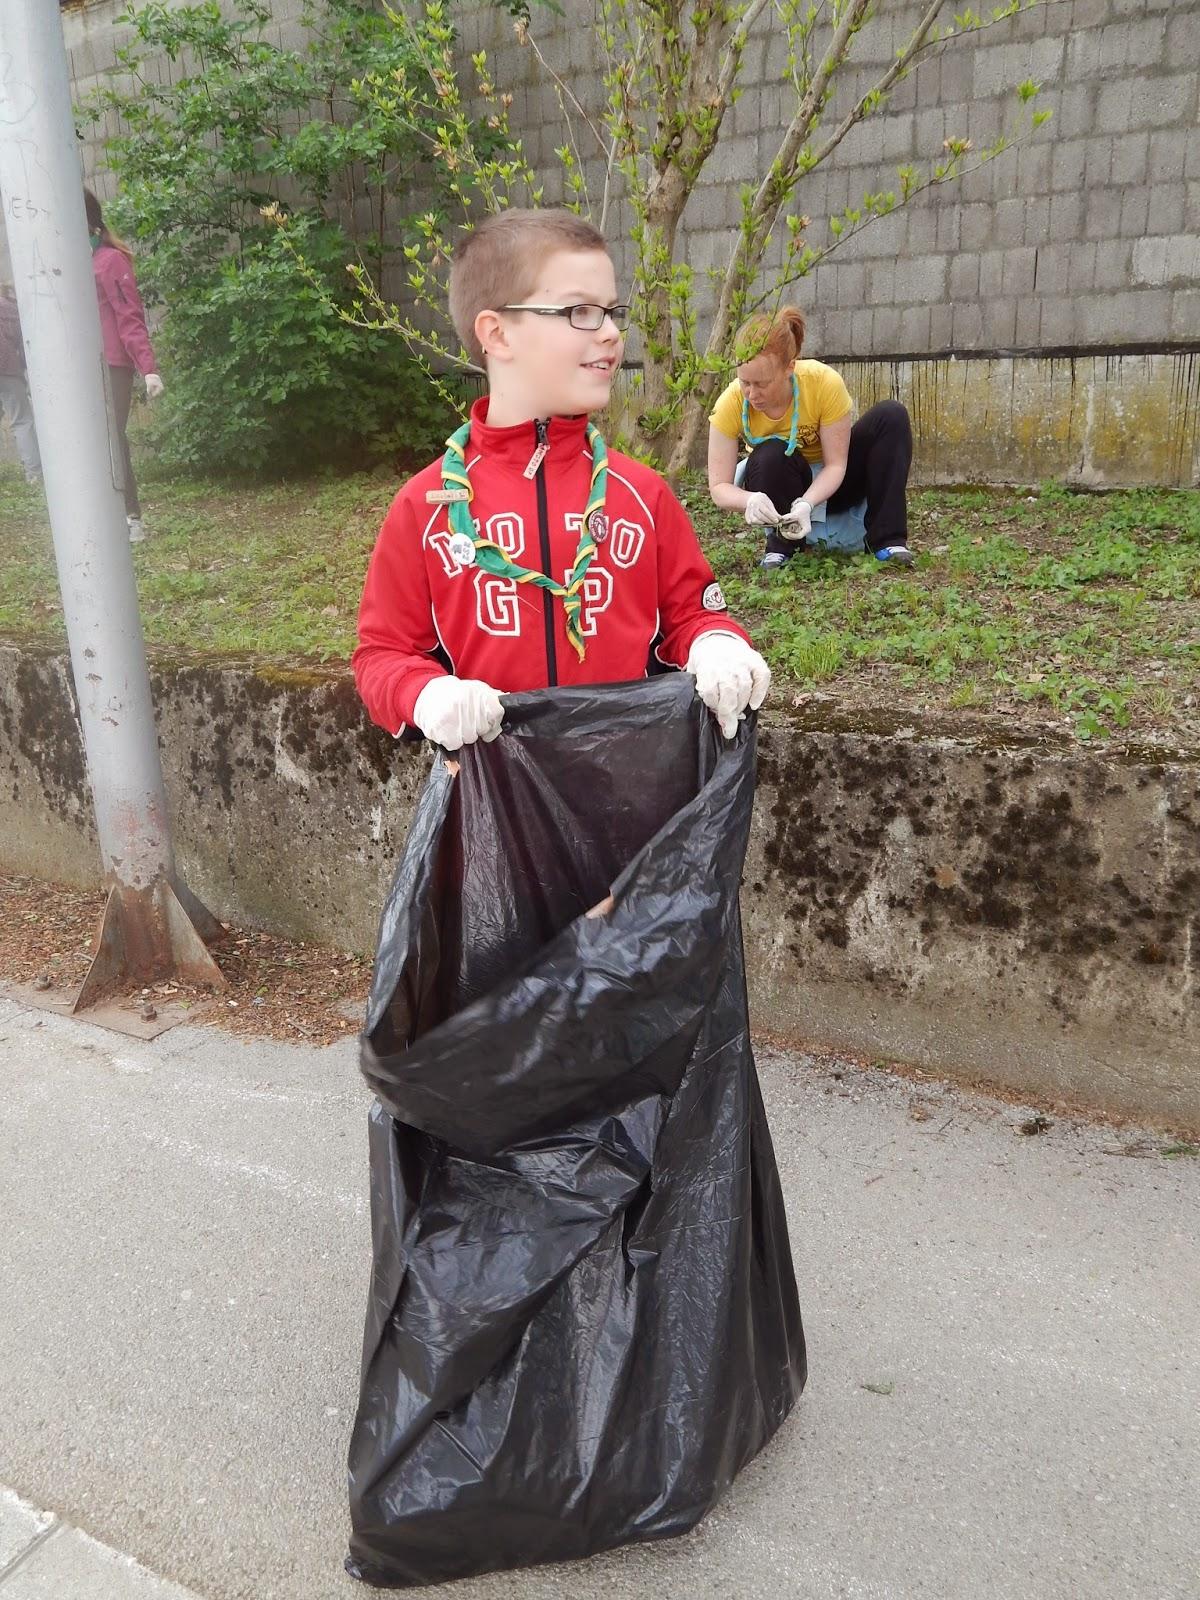 Čistilna akcija 2014, Ilirska Bistrica 2014 - DSCN1698.JPG